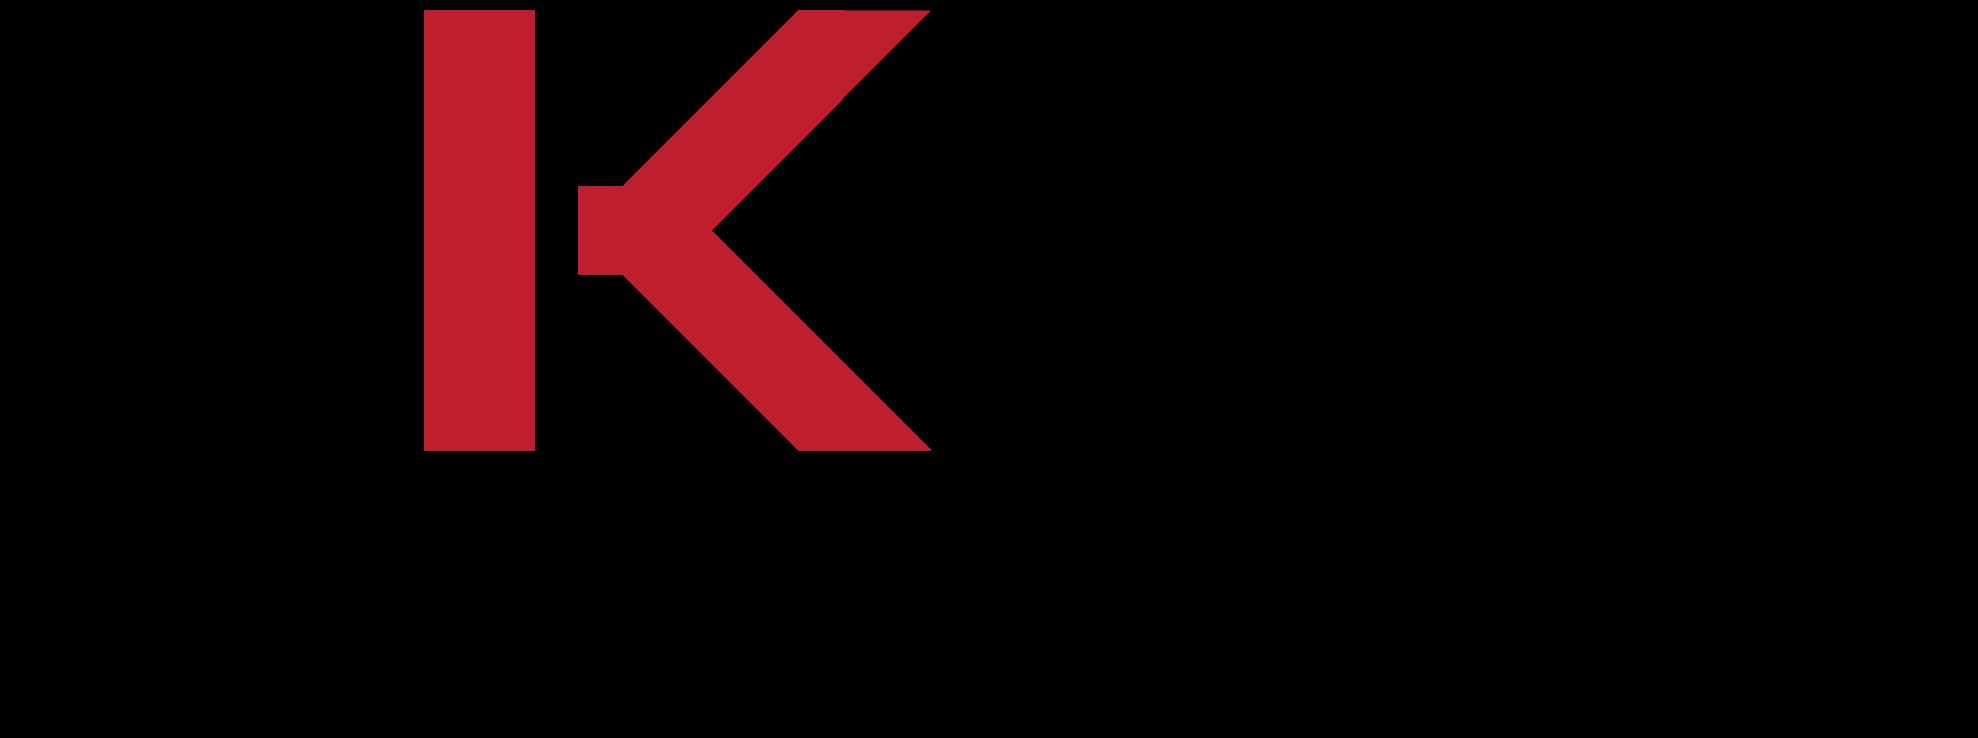 Kilo Arms